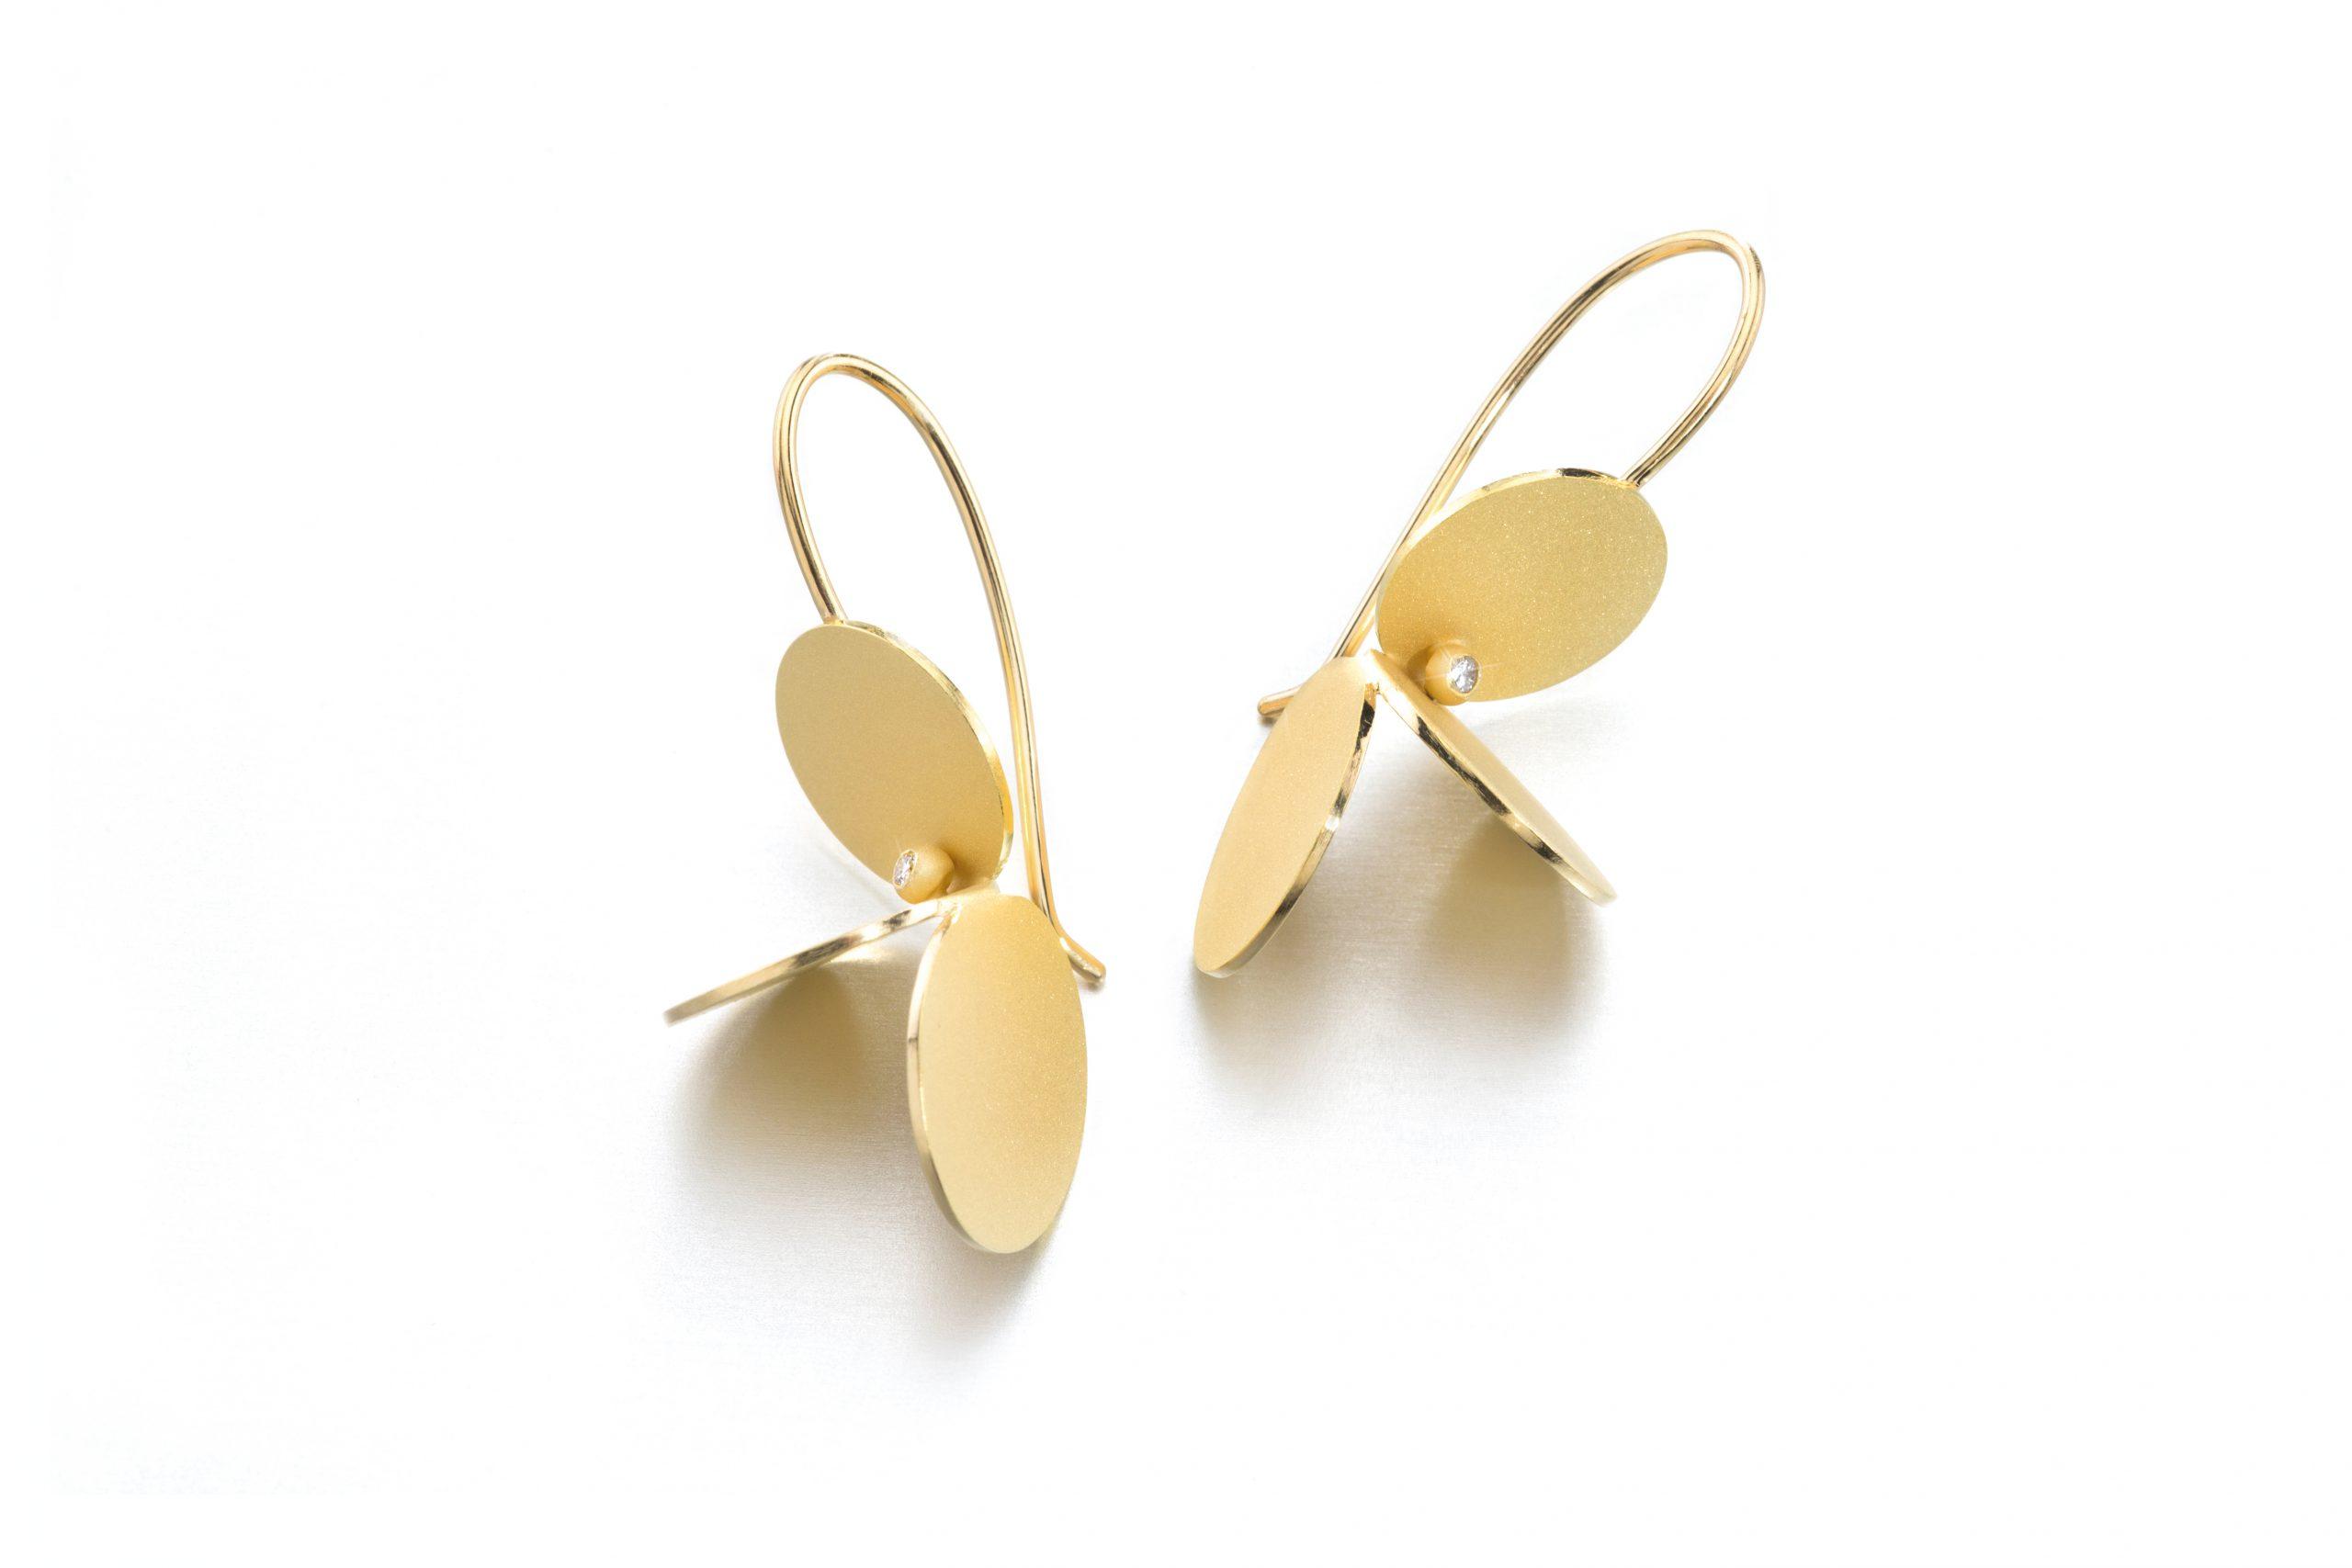 Taublatt-Ohrring